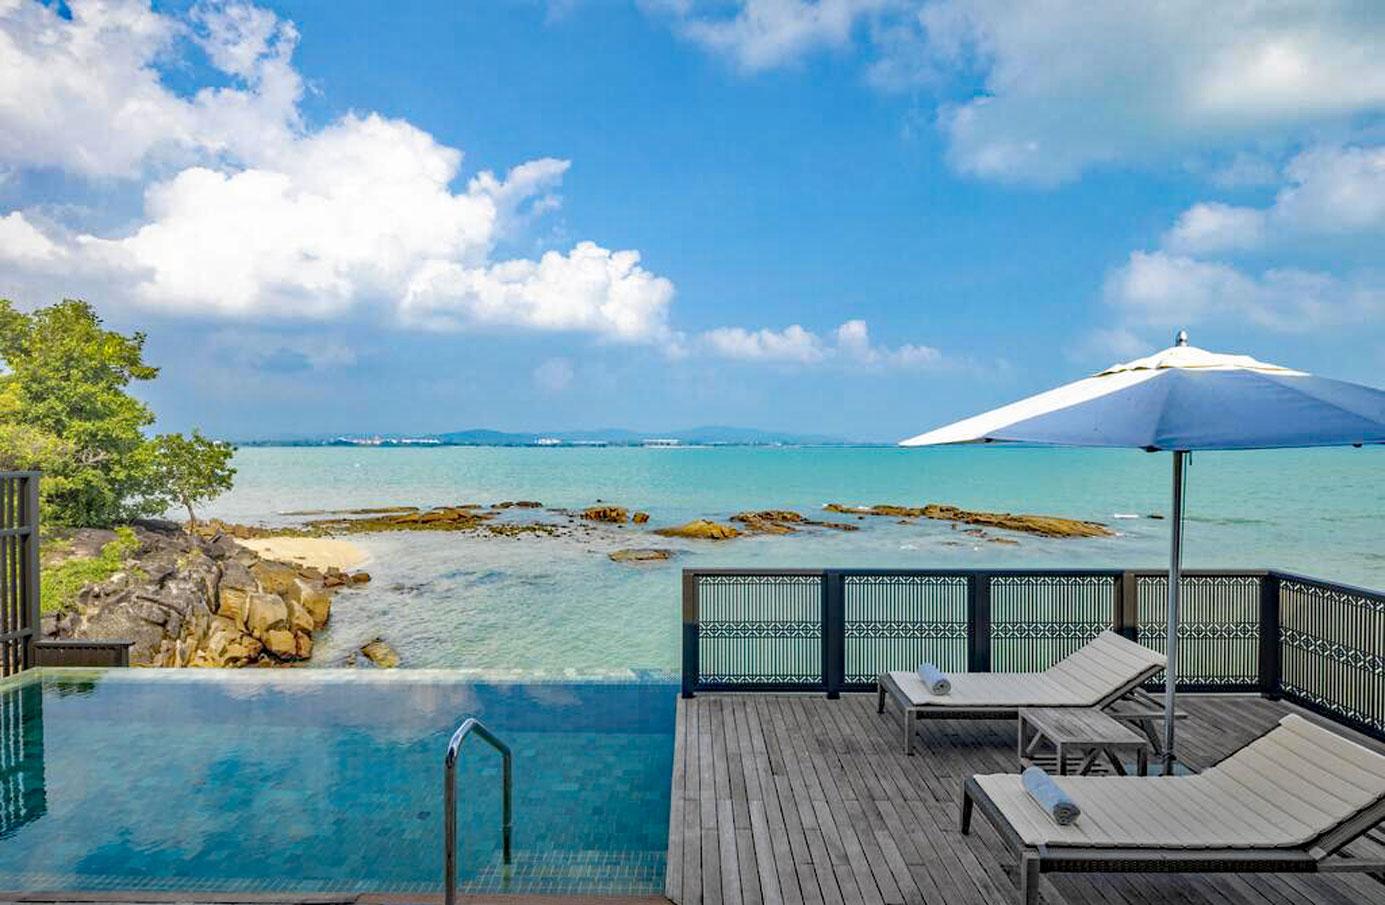 マレーシア ランカウイ島 ホテルウエディング